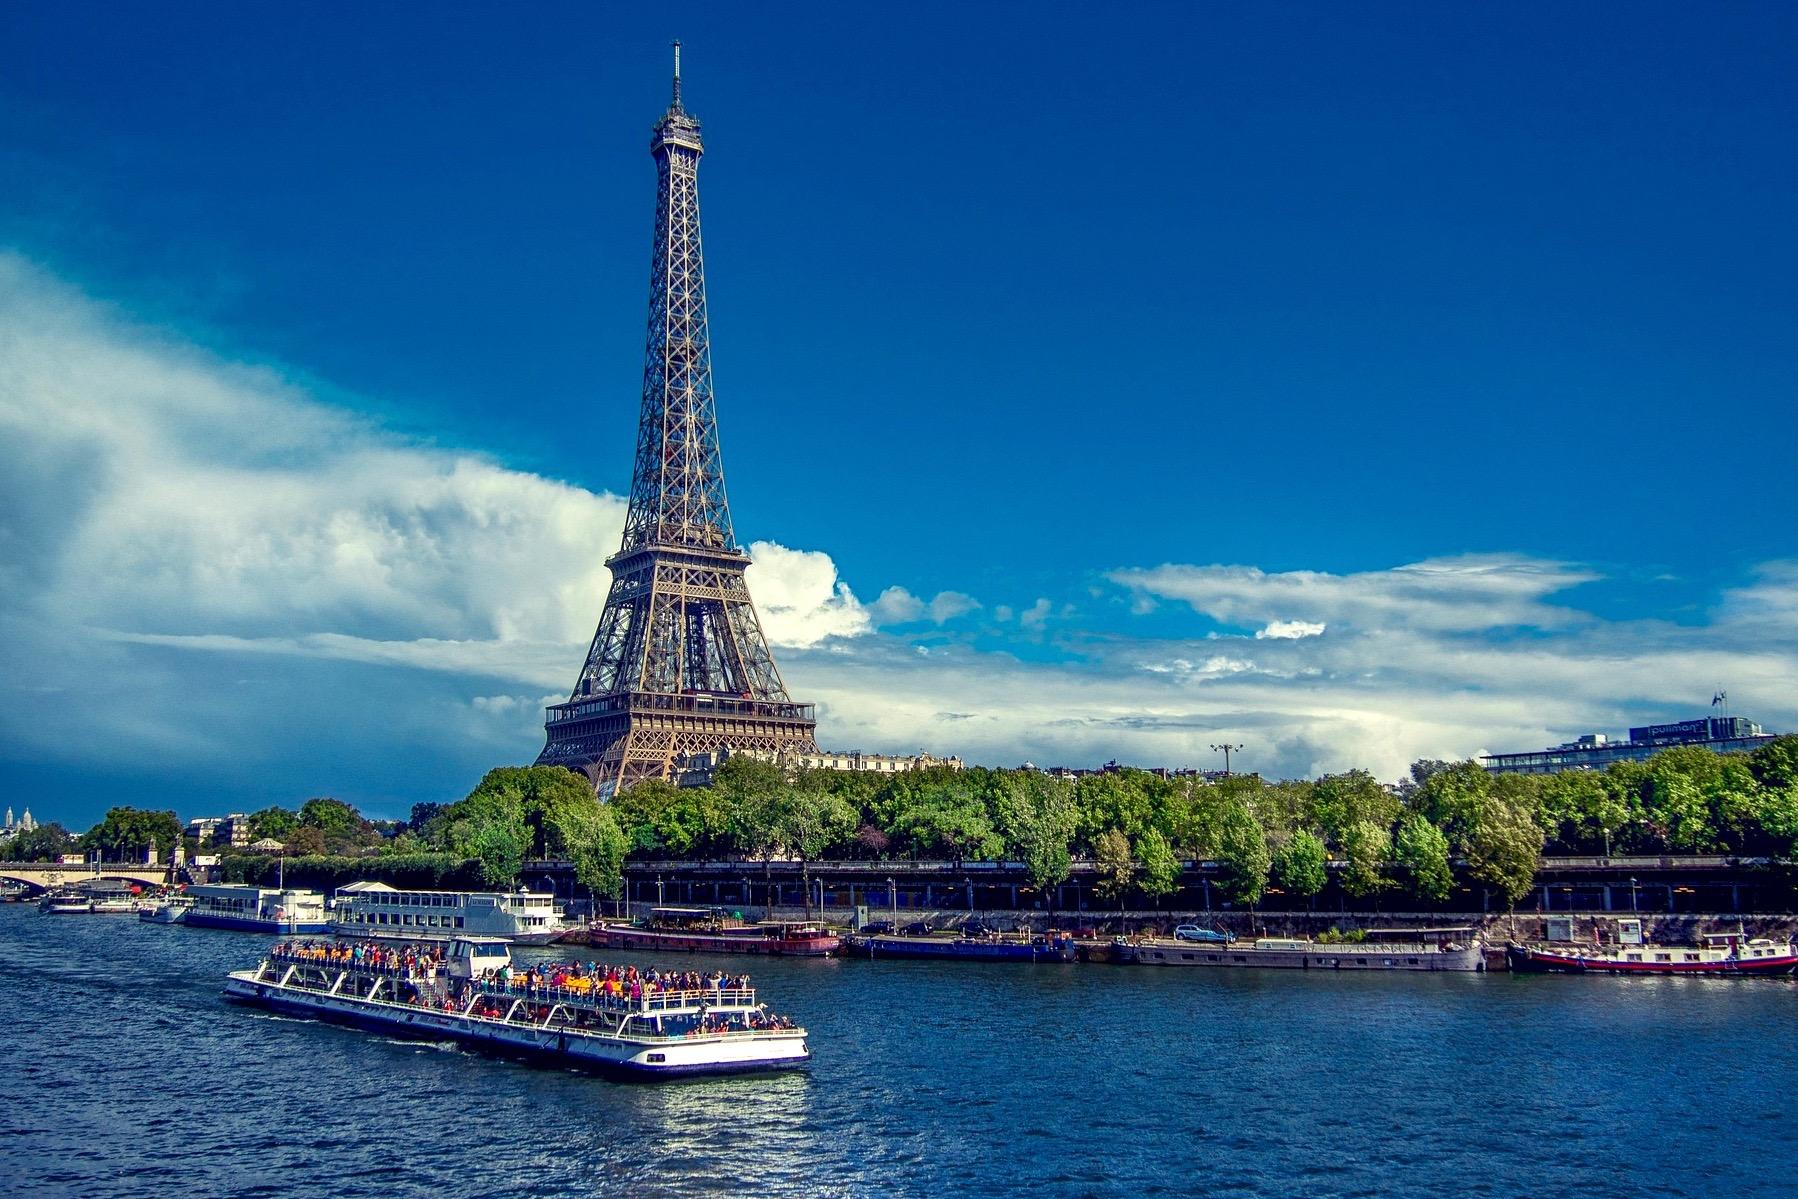 Париж: Обзорная экскурсия по городу c круизом на кораблике по Сене и посещением Эйфелевой башни без очереди и обедом в ресторане с панорамными видами